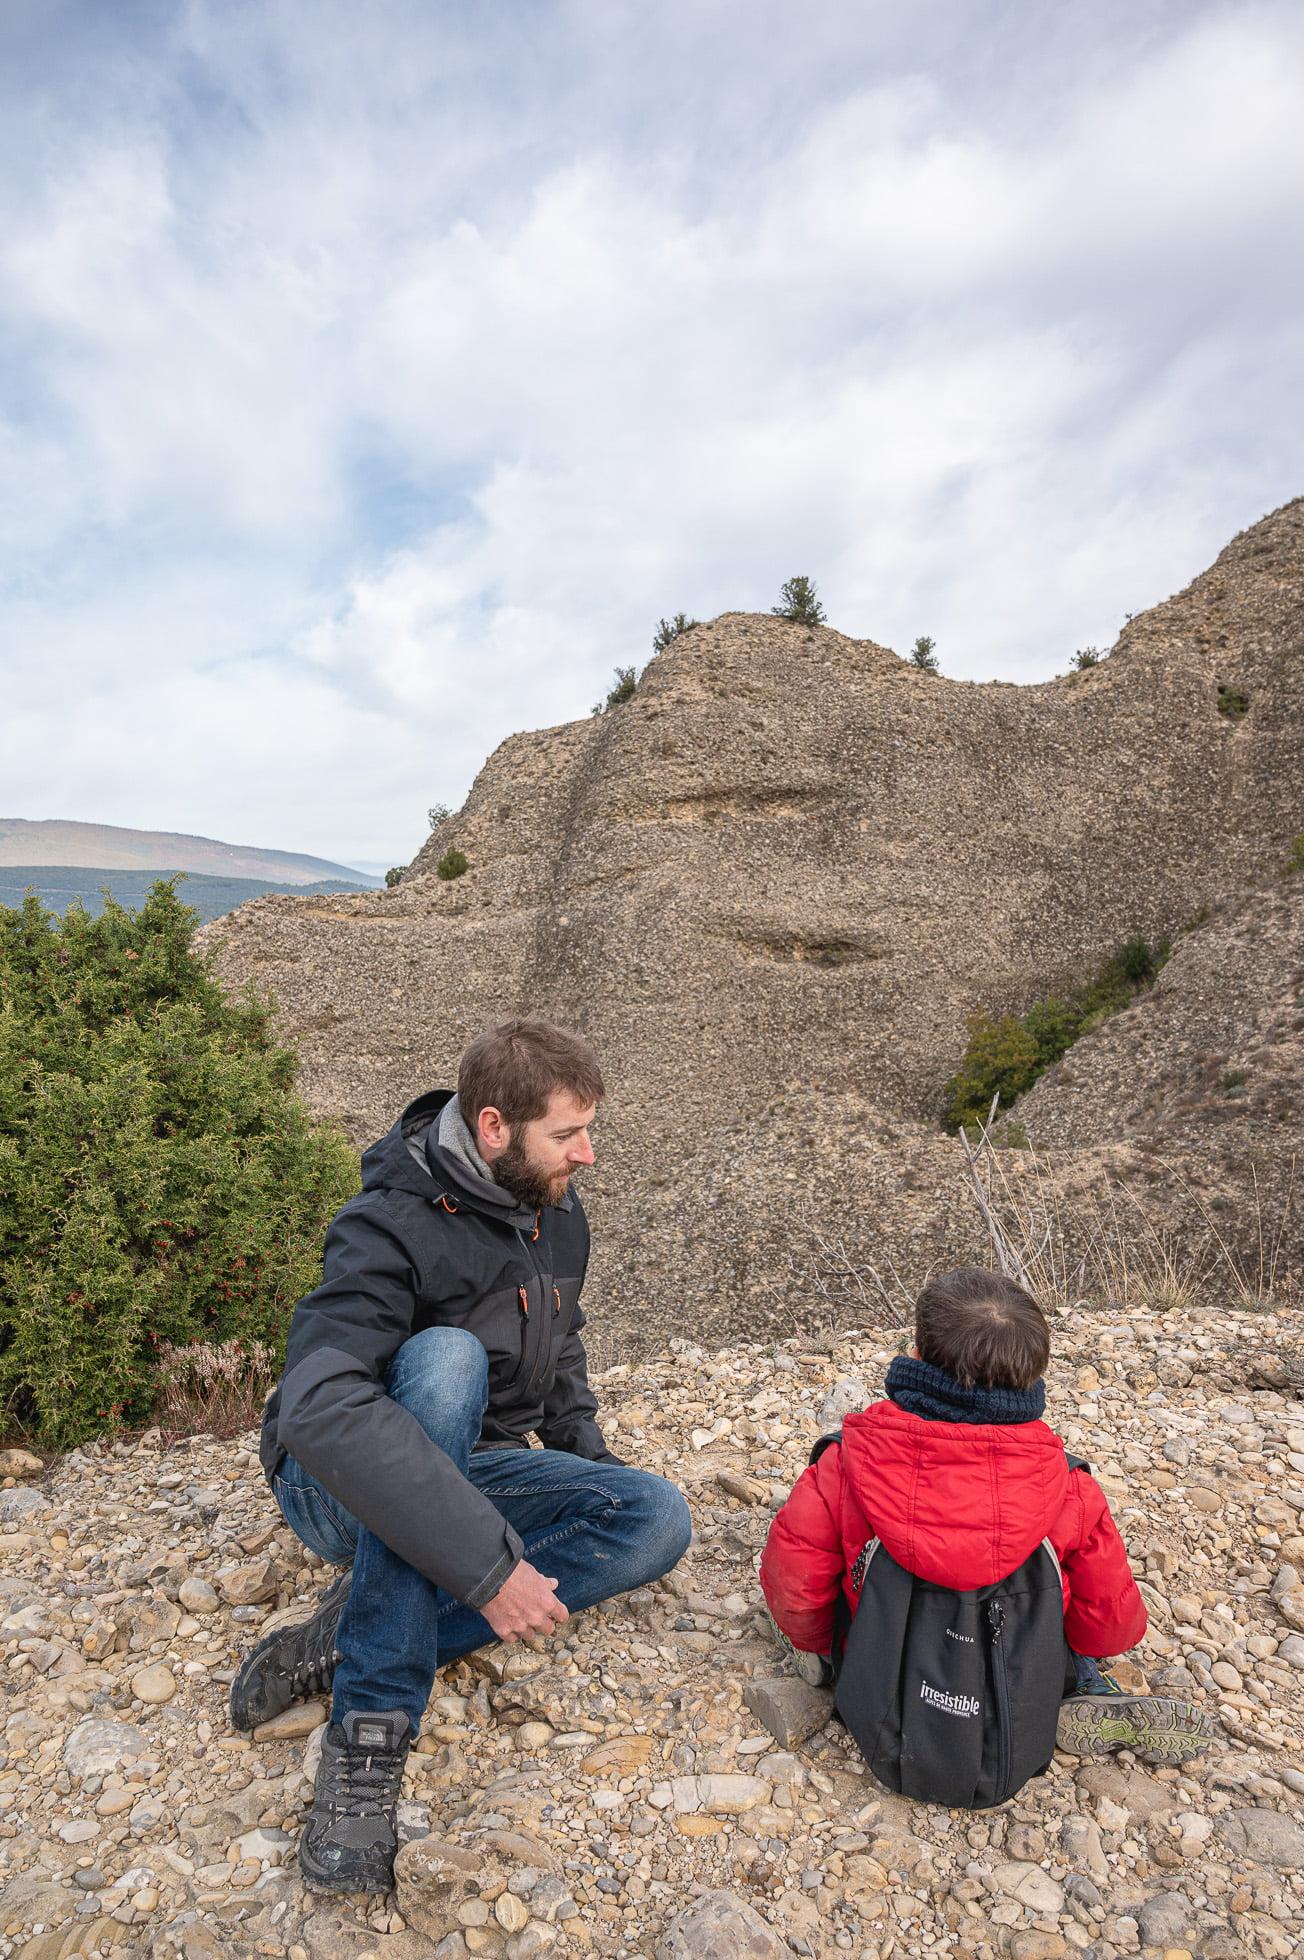 Visiter les alpes de haute provence, les pénitents des mées